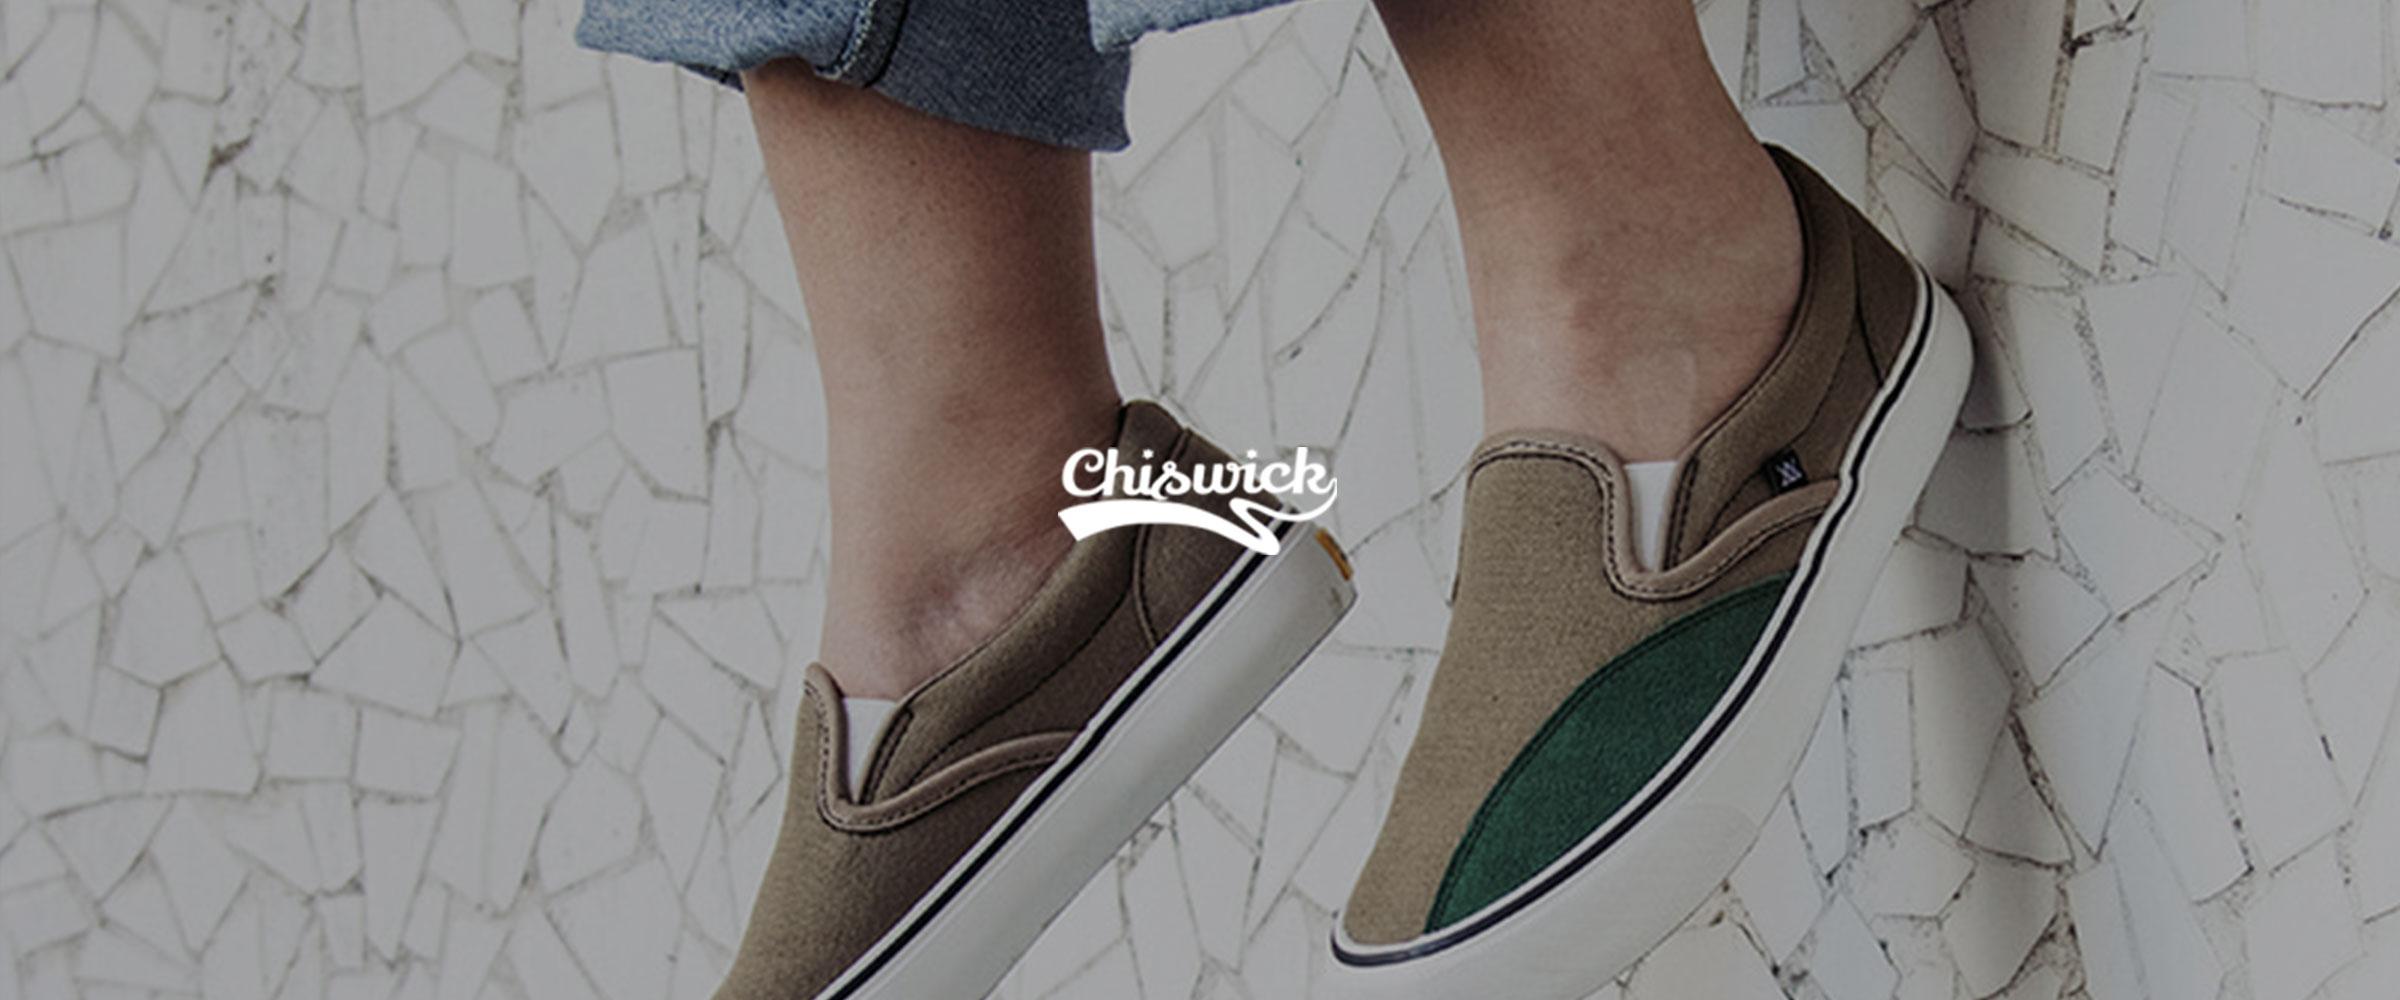 chiswick.jpg